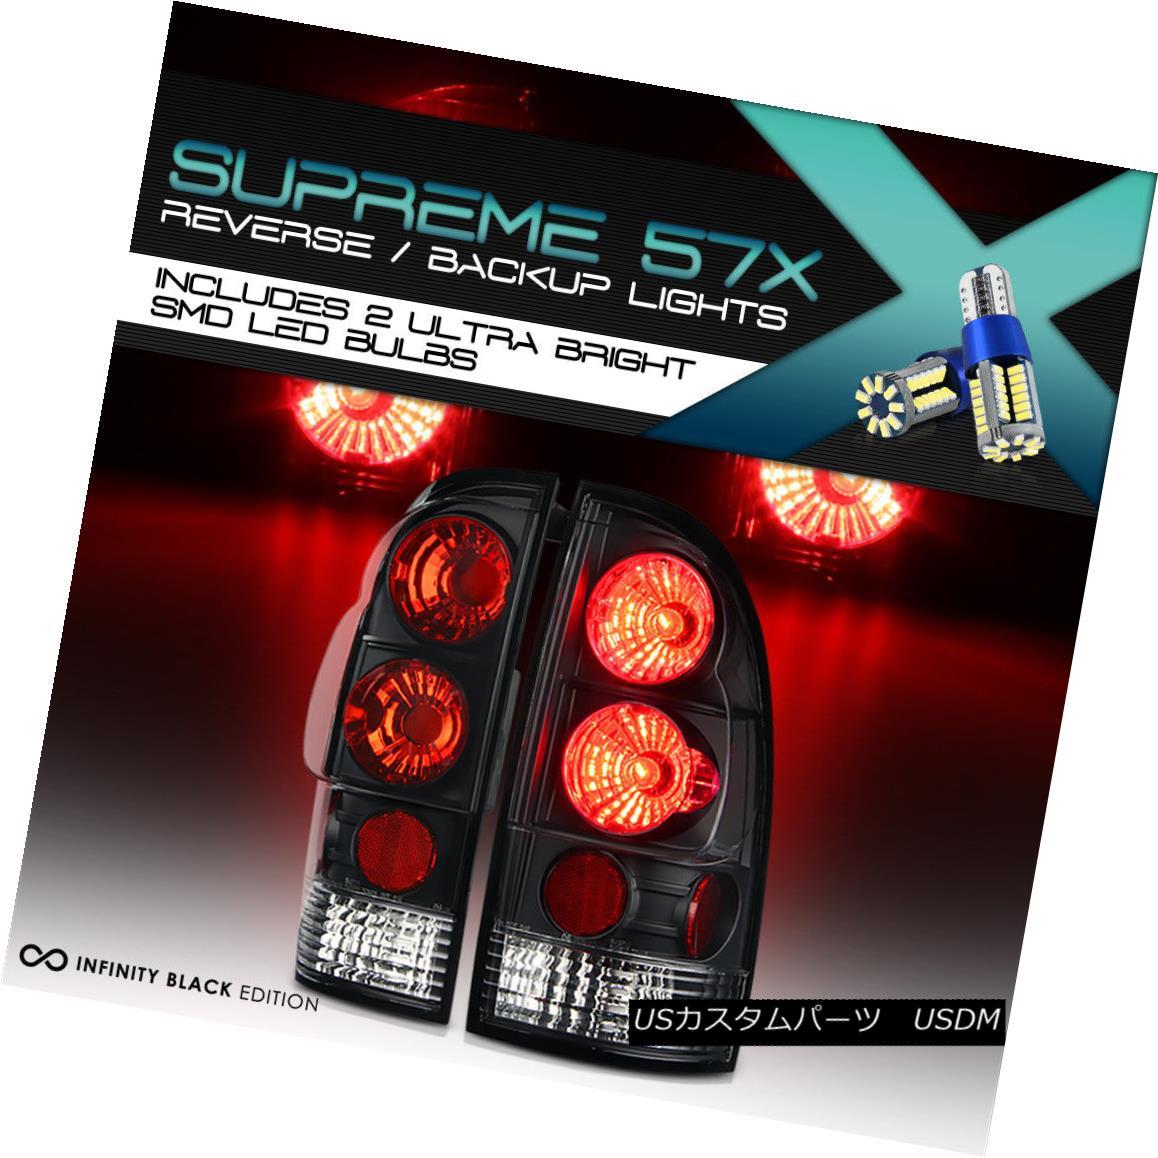 テールライト!Full SMD Backup! Backup TRD! 05-08 Tacoma 05-08タコマTRD TRD 2WD/4WD Pickup JDM Tail Light Pre X Runner V6!フルSMDバックアップ! 05-08タコマTRD 2WD/ 4WDピックアップJDMテールライトプレXランナーV6, A-TOYS:e6128cd7 --- officewill.xsrv.jp